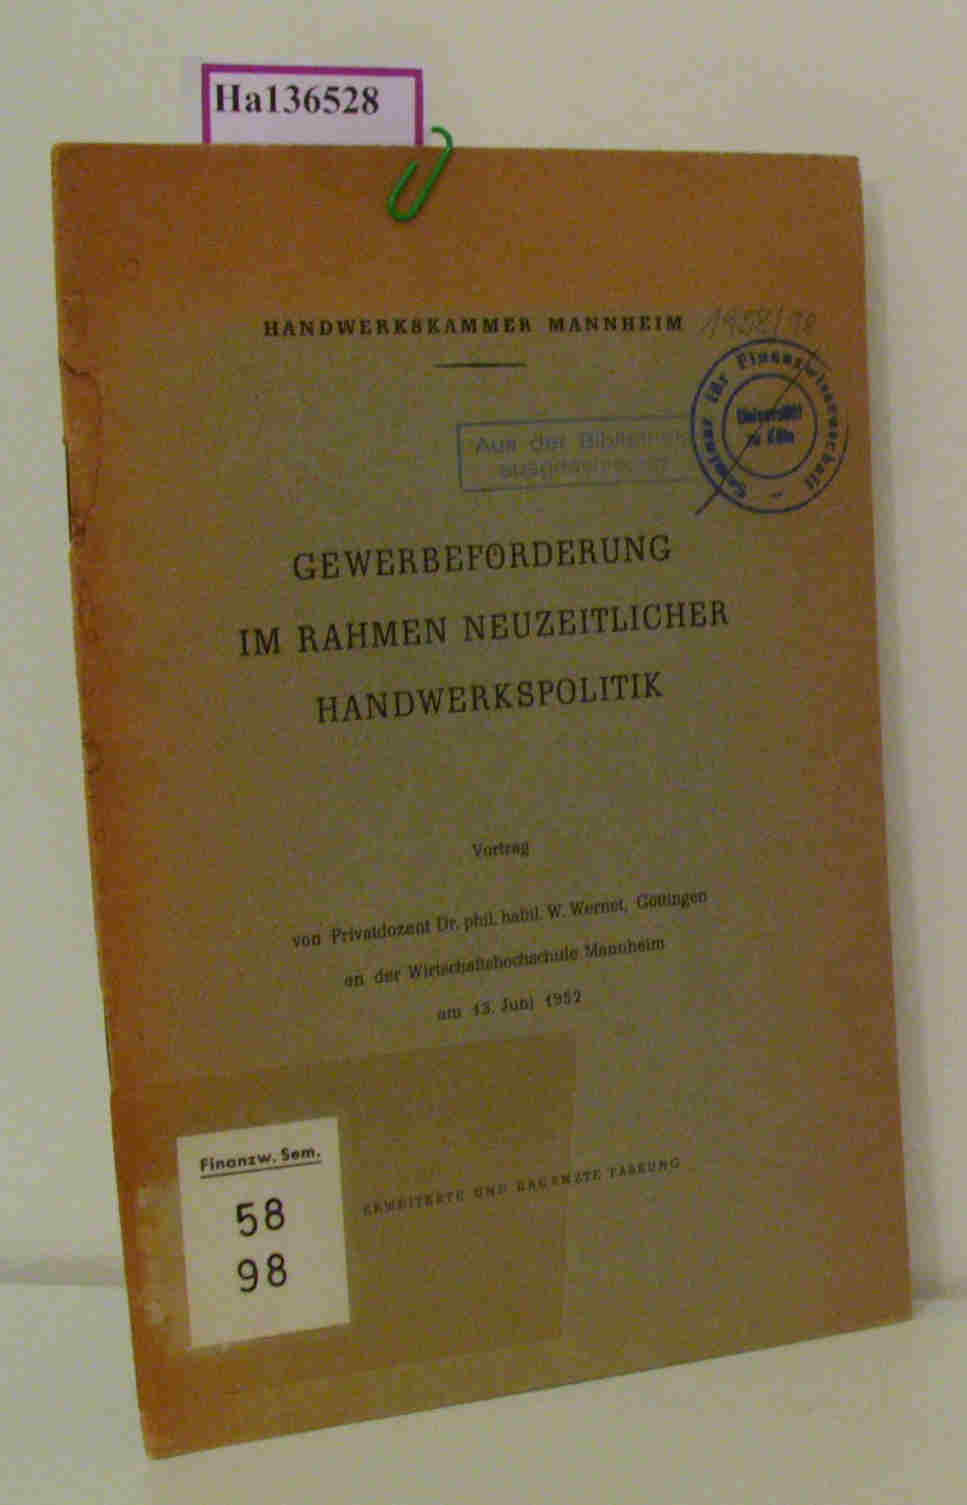 Gewerbeförderung im Rahmen neuzeitlicher Handwerkspolitik. Vortrag von Privatdozent Dr. phil. habil. W. Wernet, Göttingen an der Wirtschaftshochschule Mannheim am 13. Juni1952.